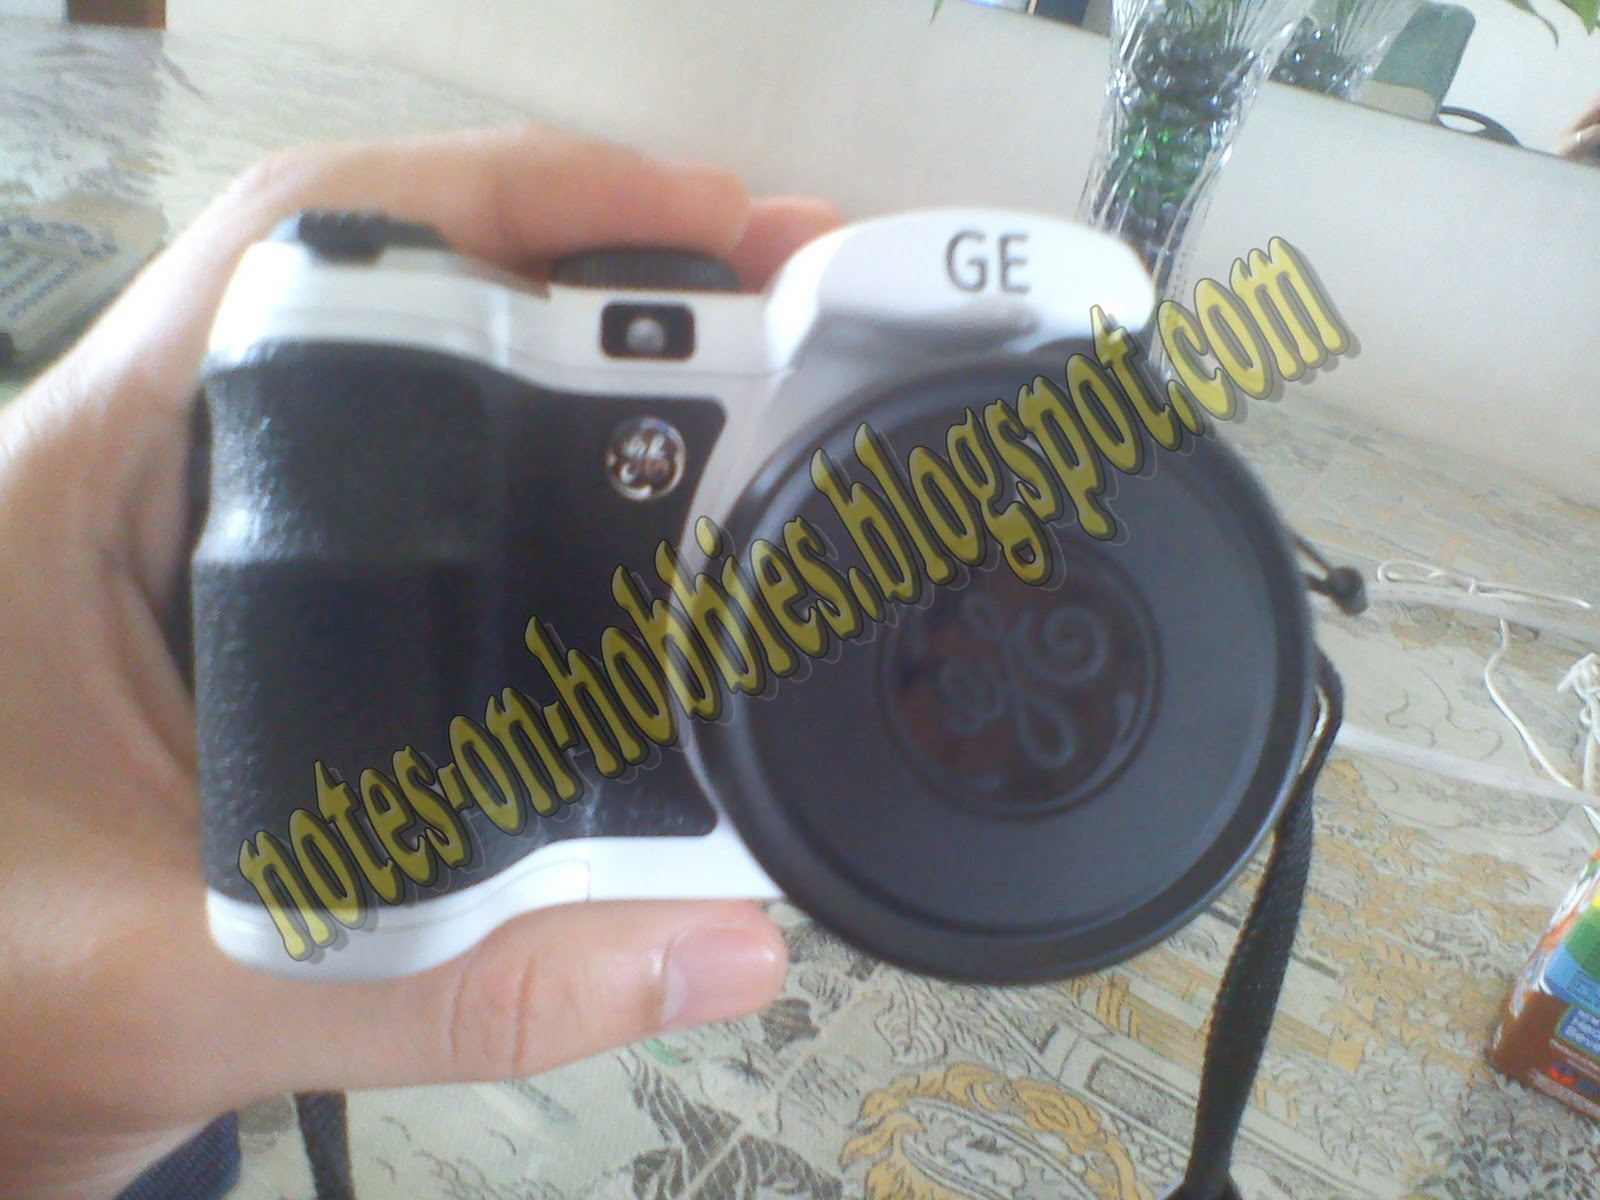 http://3.bp.blogspot.com/-x0b_RS58FH4/TWRSRH0HS7I/AAAAAAAAALg/_1IJIT_j_gY/s1600/xperia%2Bx8%2Bcamera%2Bssuper%2B3.jpg